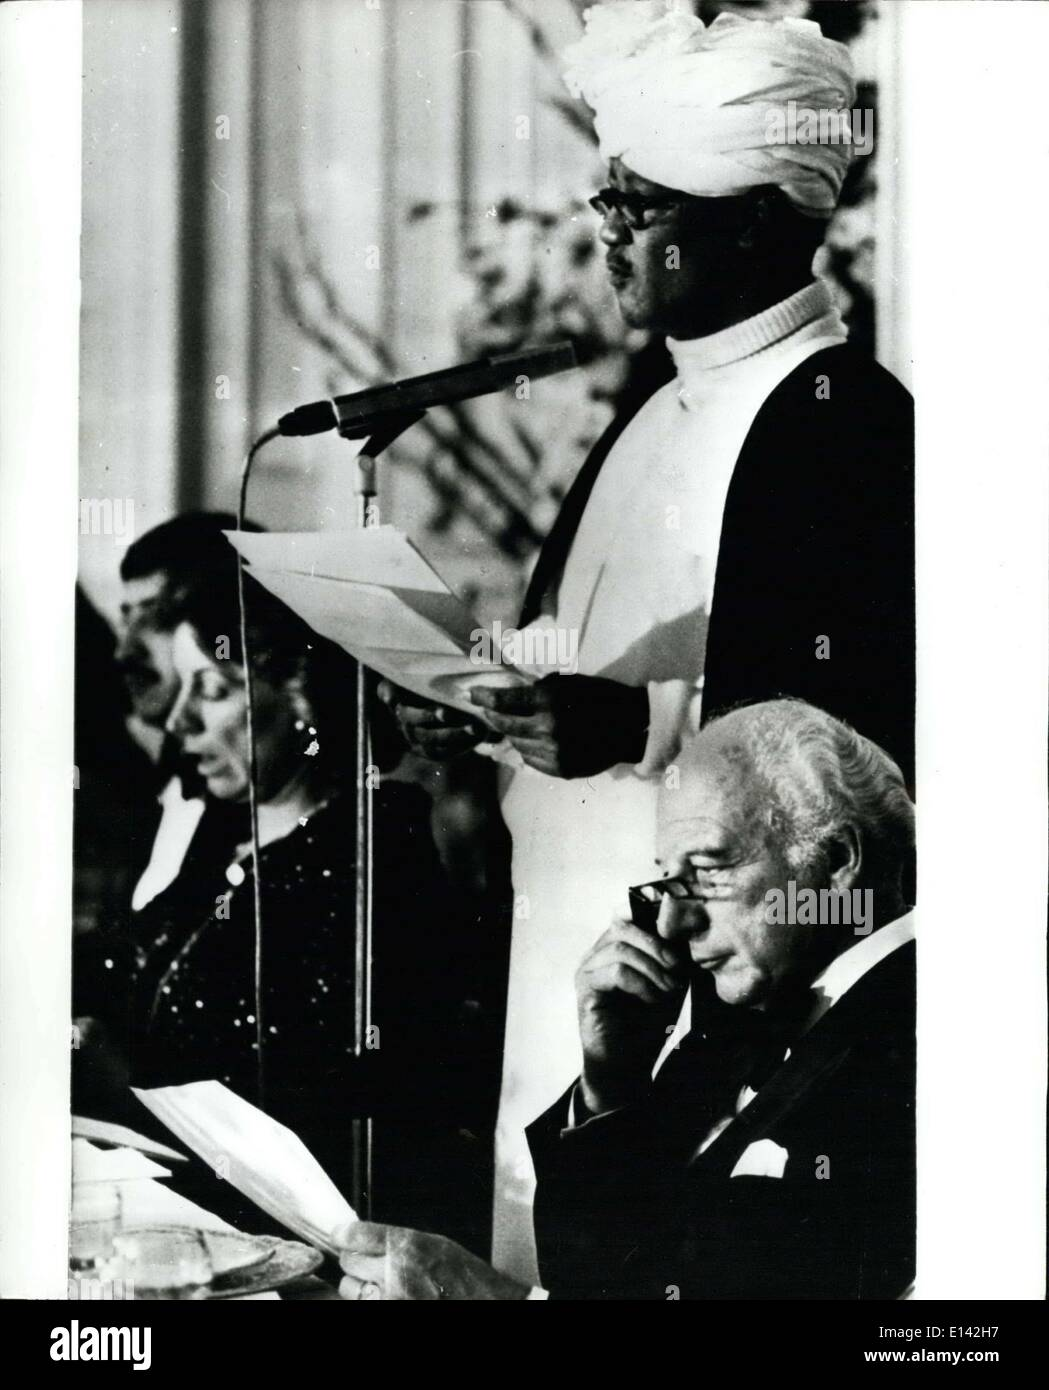 31 mars 2012 - Président Nimeri du Soudan visites l'Allemagne de l'Ouest.: photo montre le président Nimeri vu au cours d'une réception au Château Augustusburg dans Bruhl, l'Allemagne de l'Ouest au cours de sa visite officielle, à droite, Président de l'École de Walter de l'Allemagne de l'Ouest. Photo Stock